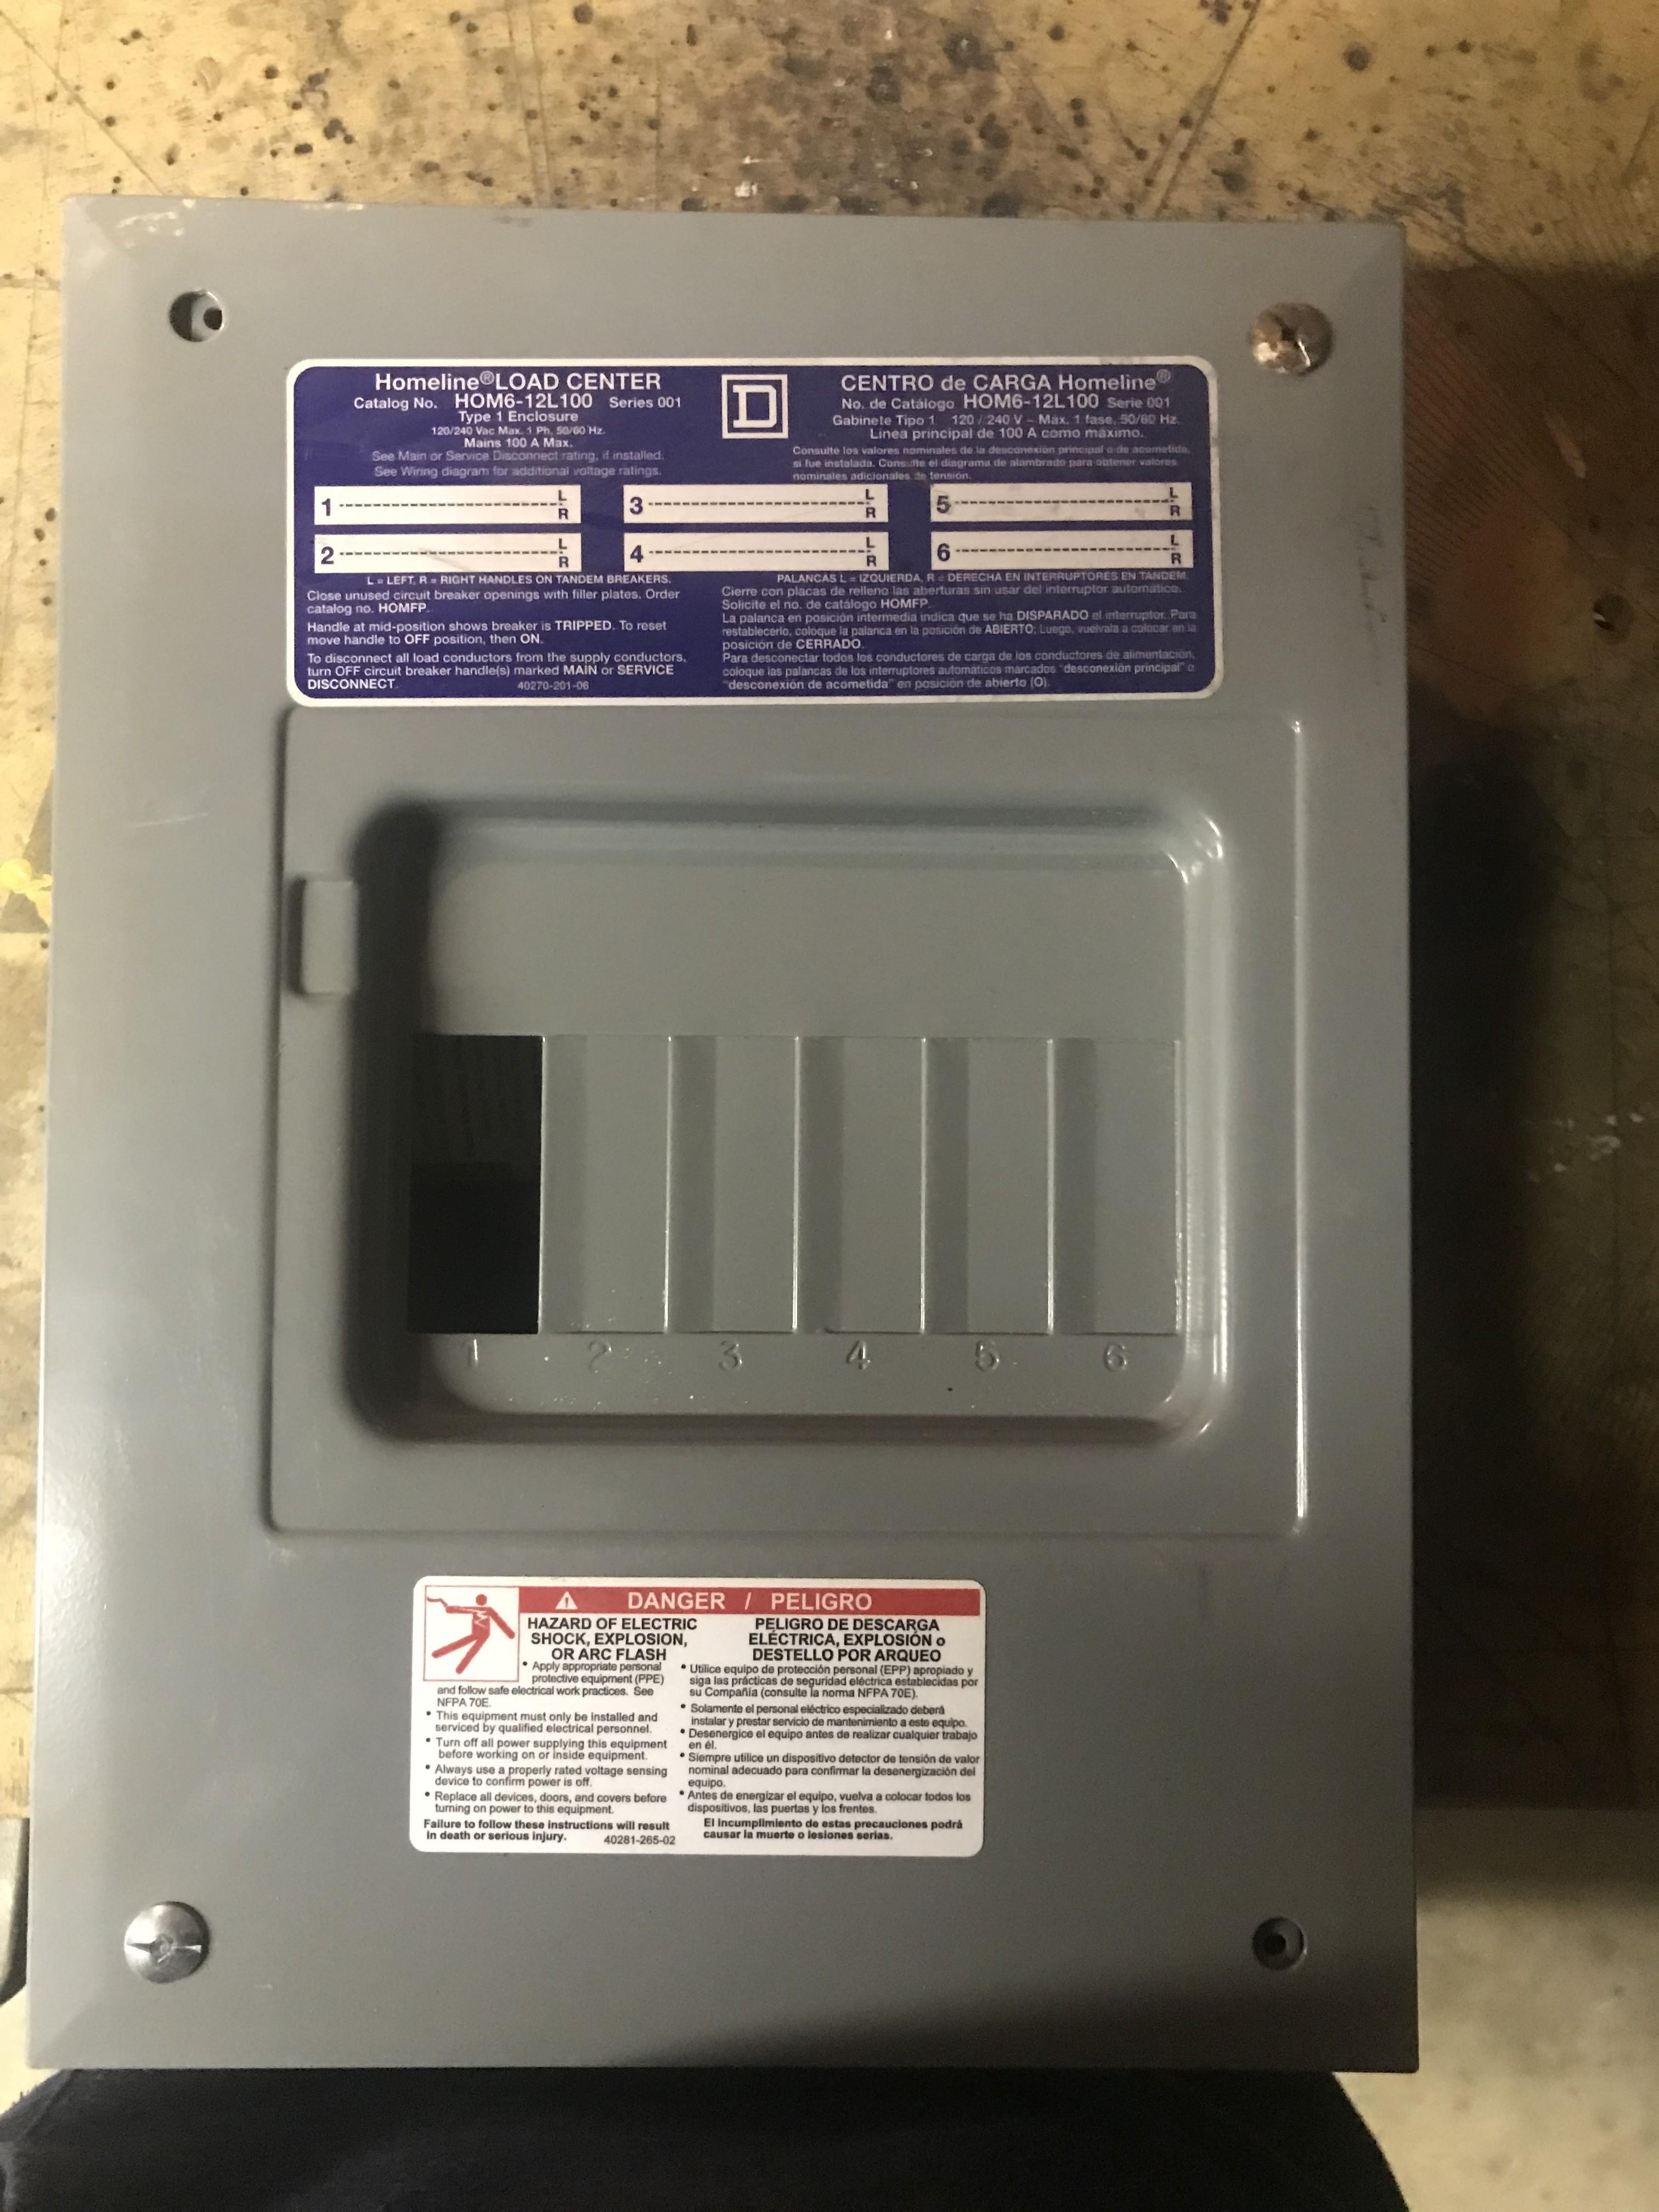 125 Amp Sub Panel Wiring Diagram | Wiring Diagram - 125 Amp Sub Panel Wiring Diagram